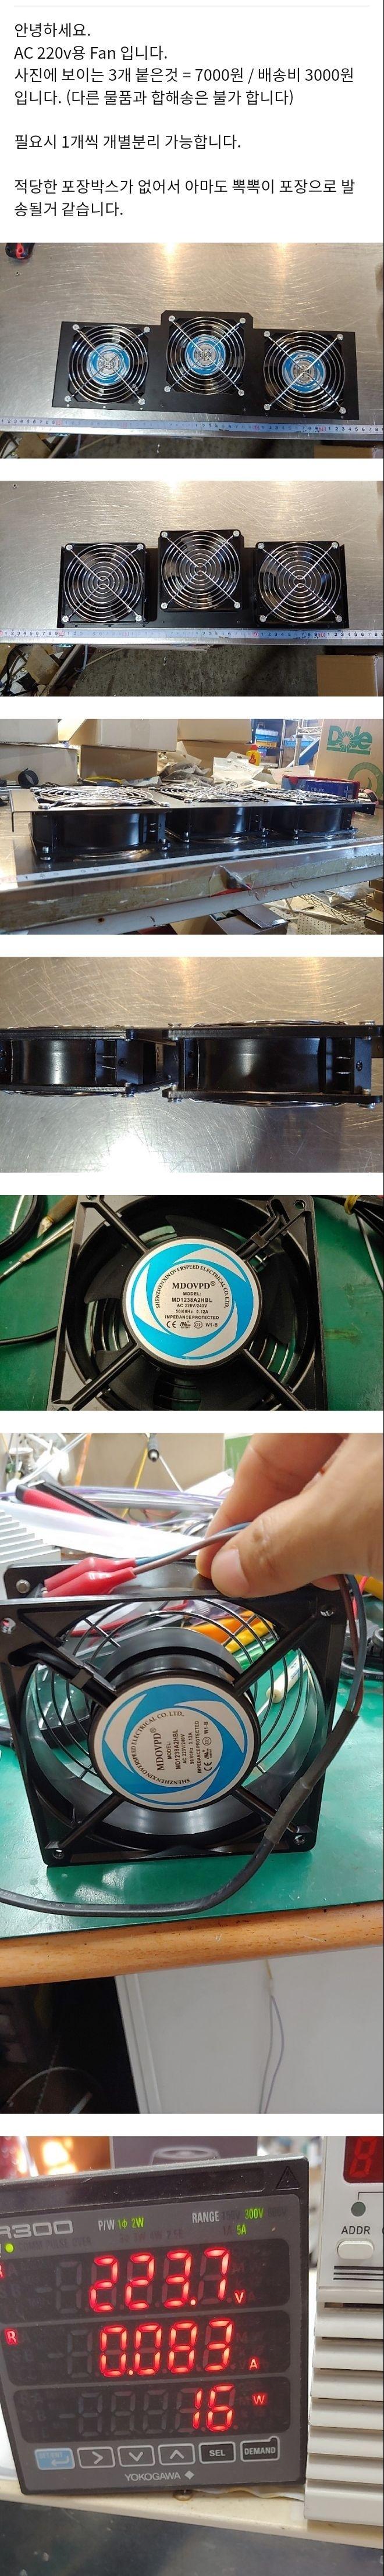 AC220V. Fan